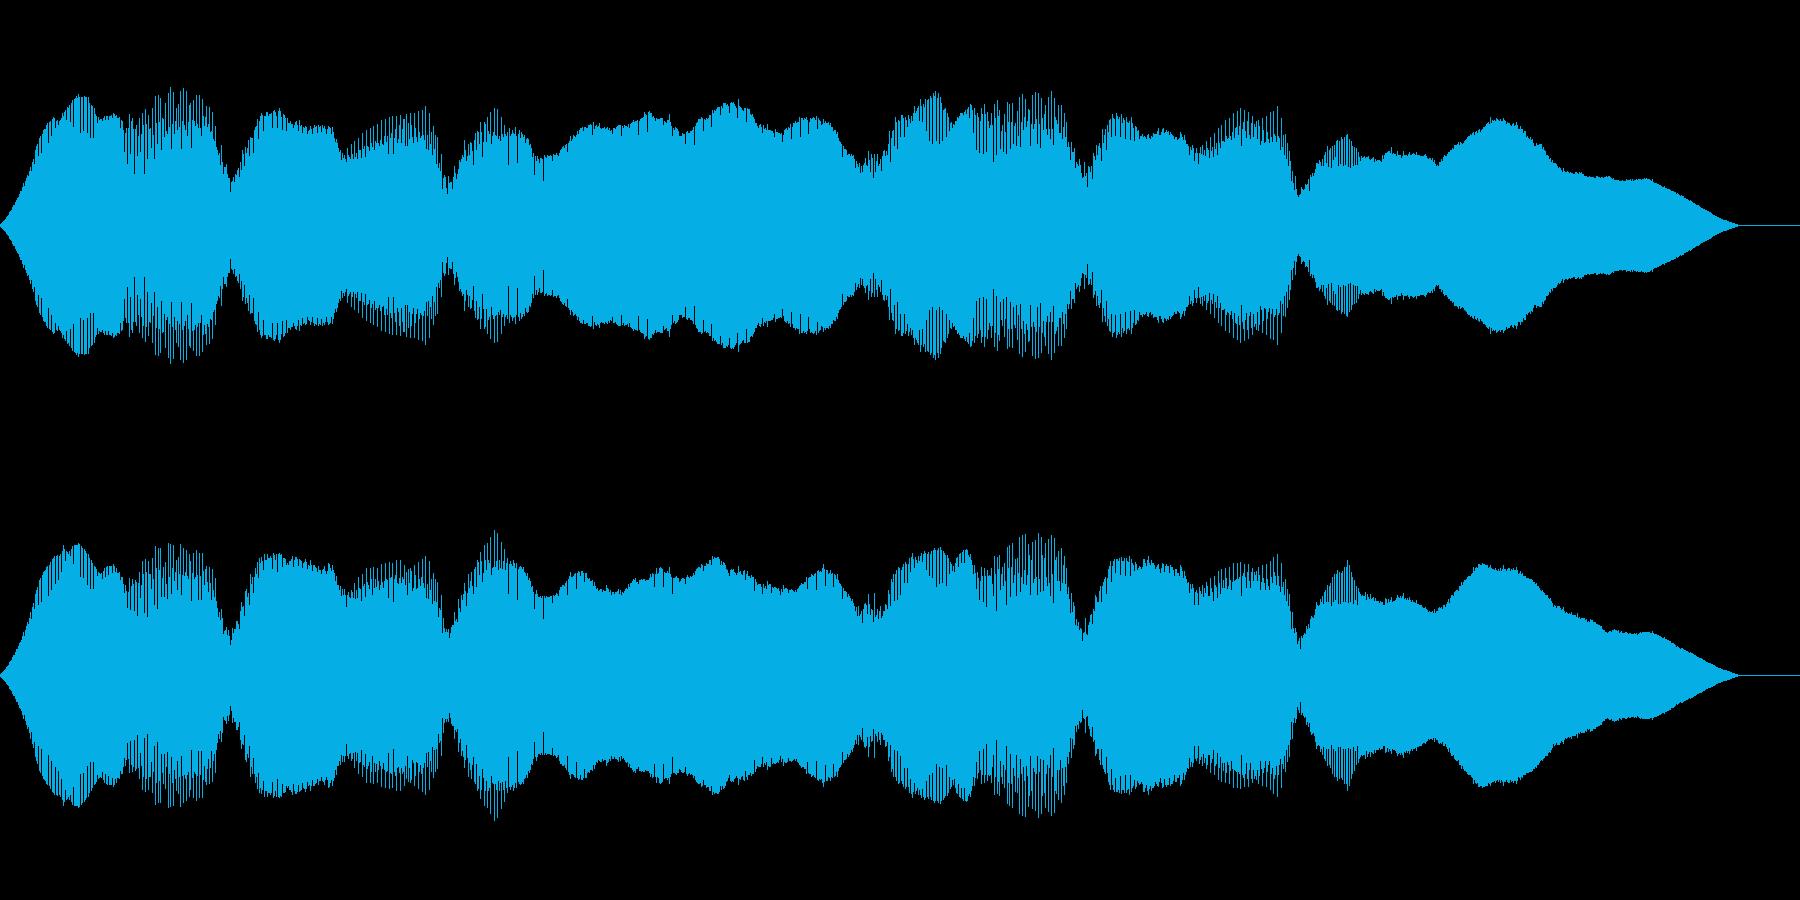 ゲームのようなBGMの再生済みの波形